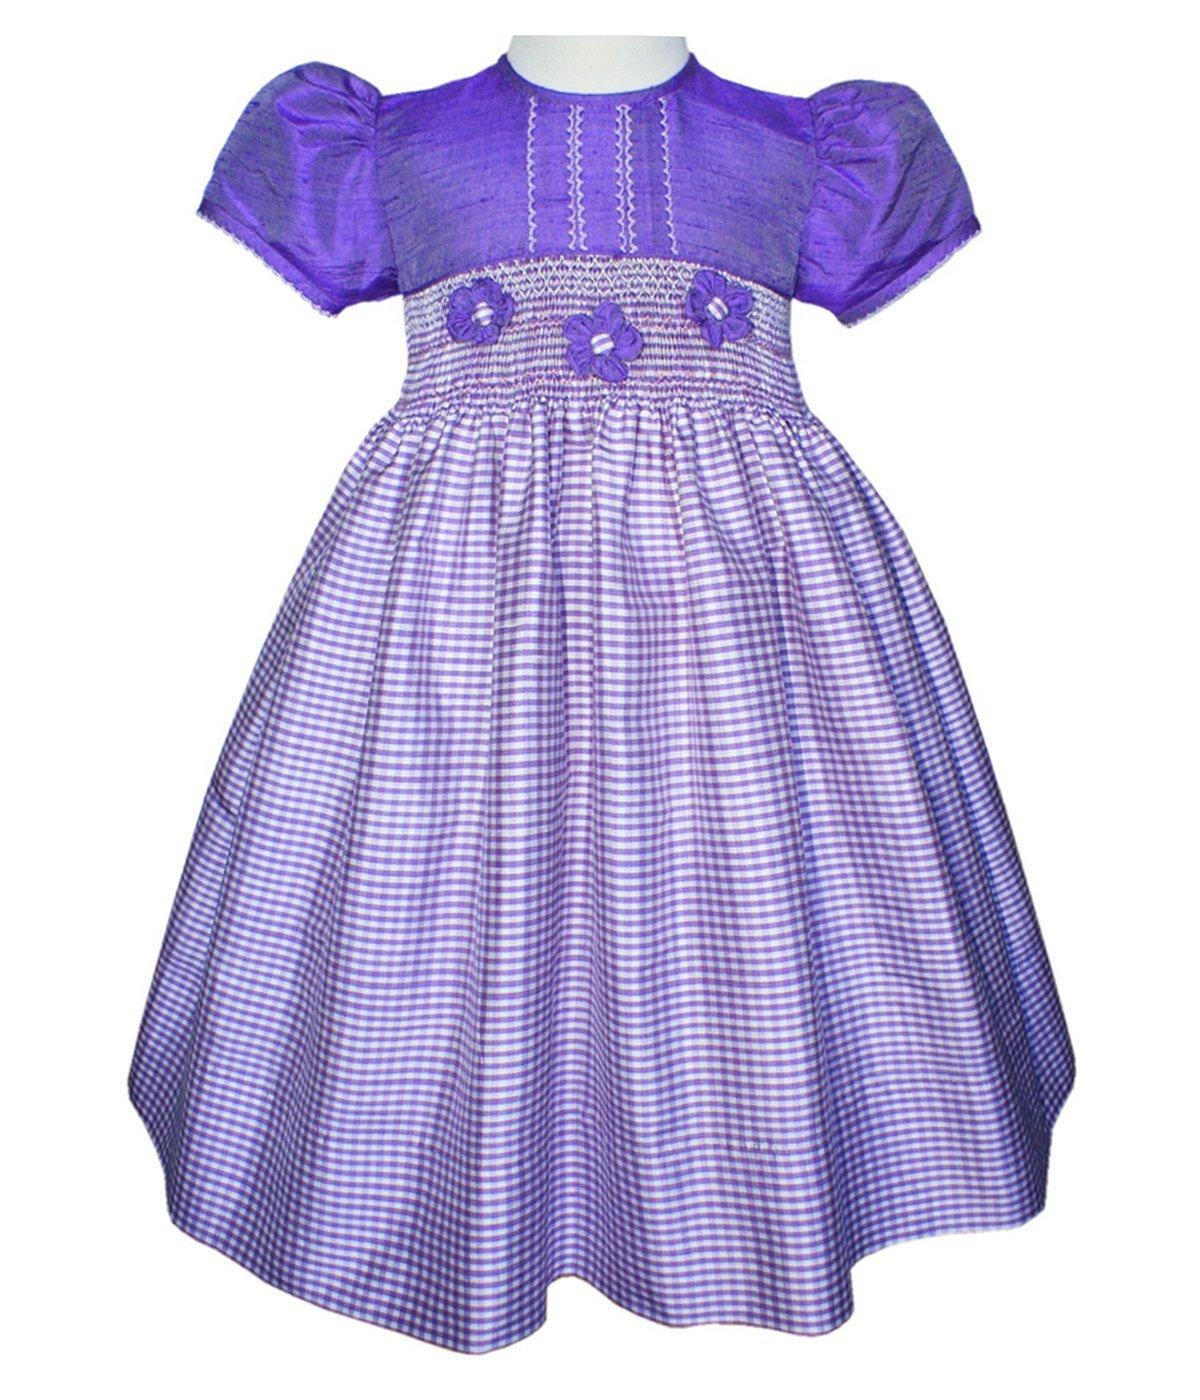 Flower Girls Dress for Walking Down the Isle in Purple Silk by Carouselwear (Image #1)